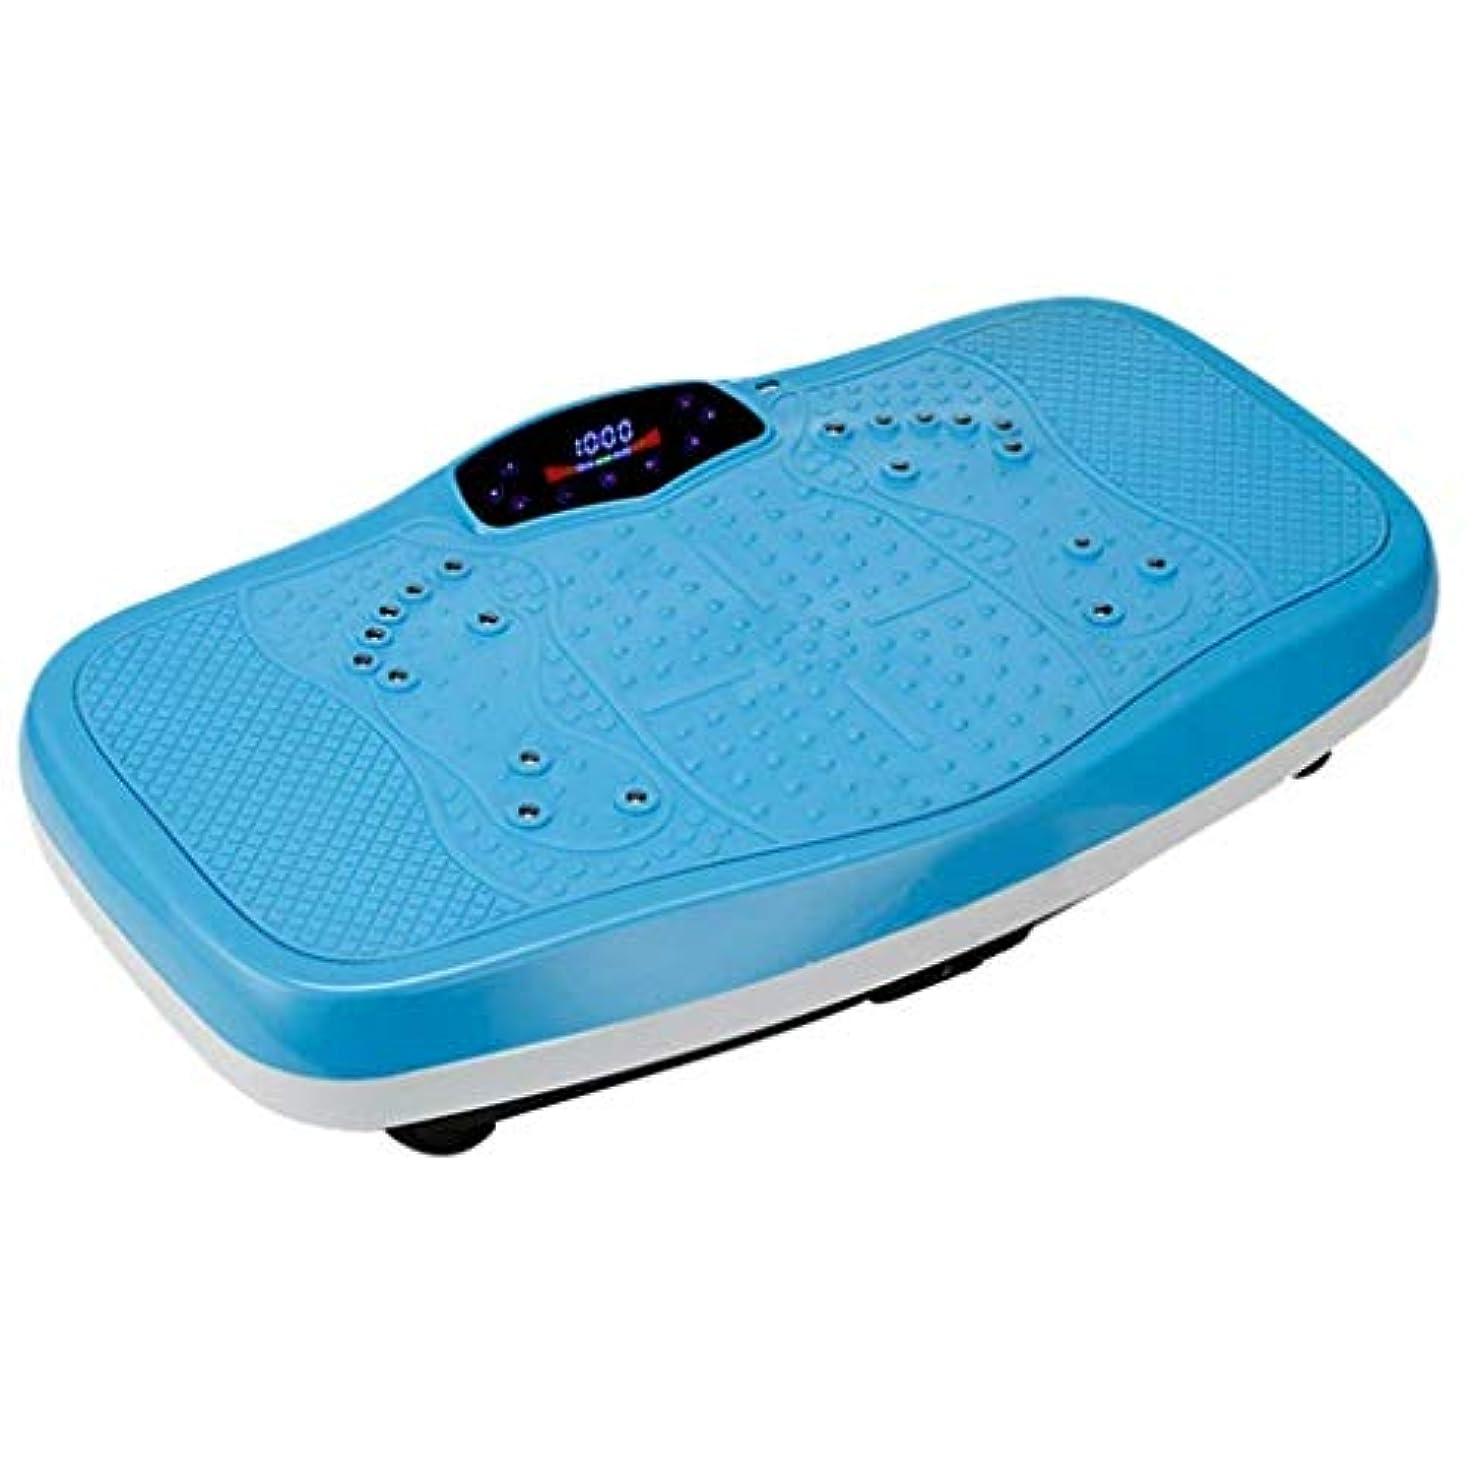 排出欠乏提供する減量機、運動振動フィットネス形状体重減量機、Bluetoothスピーカー、家族/ジムに適し、ホームオフィス減量 (Color : 青)